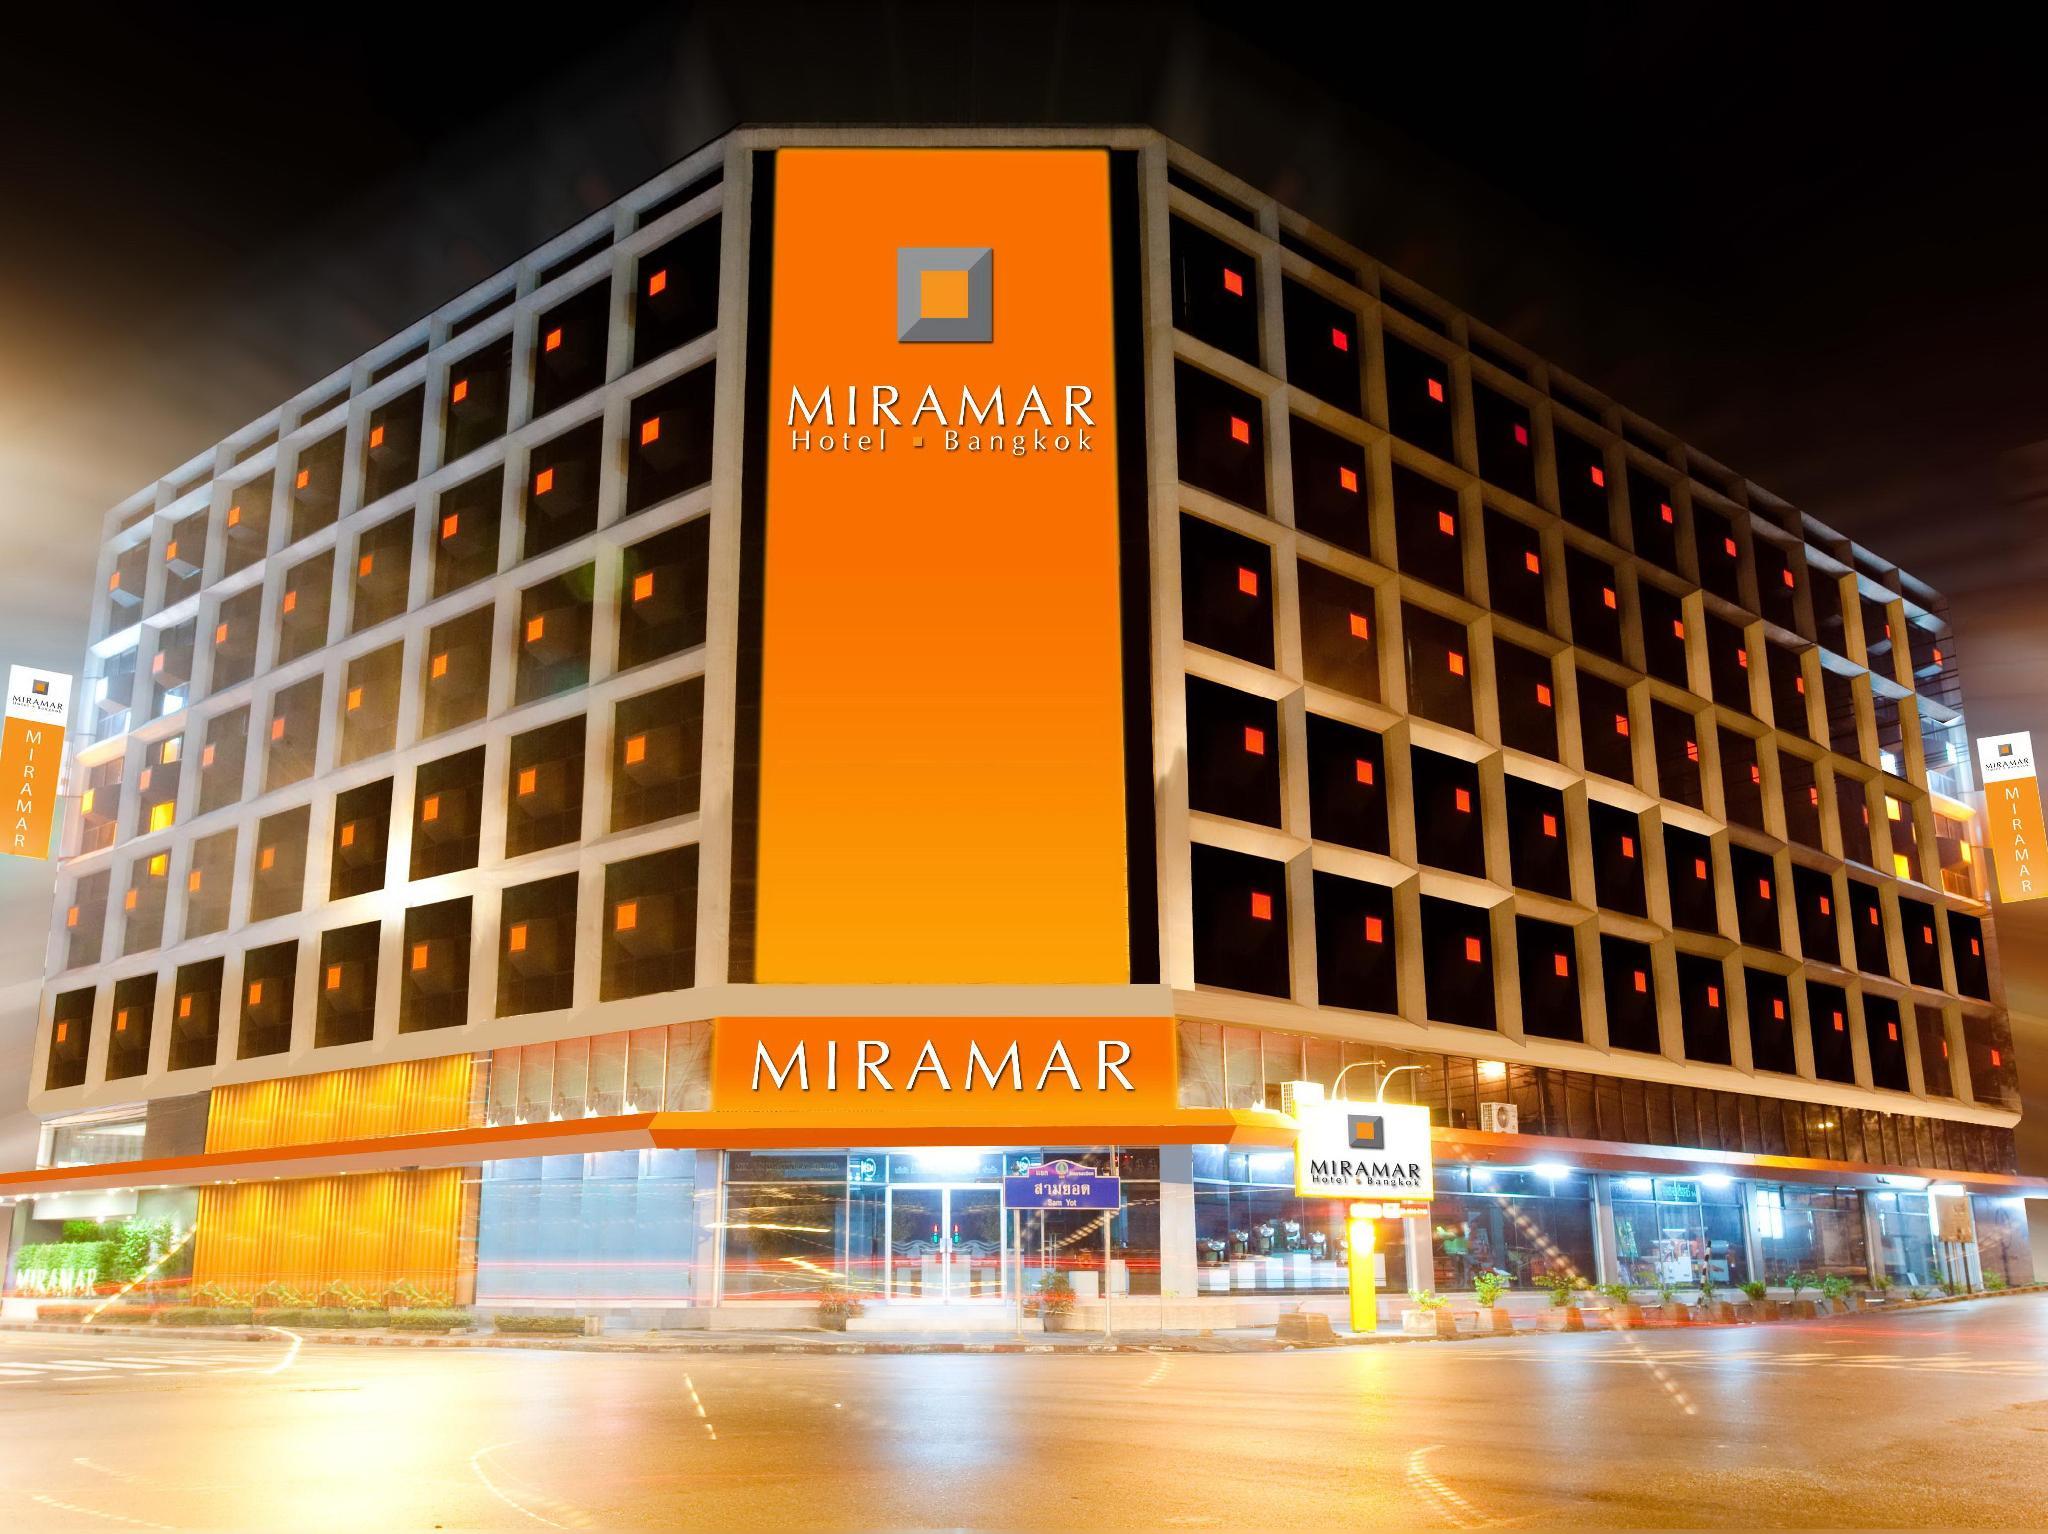 미라마르 방콕 호텔 방콕